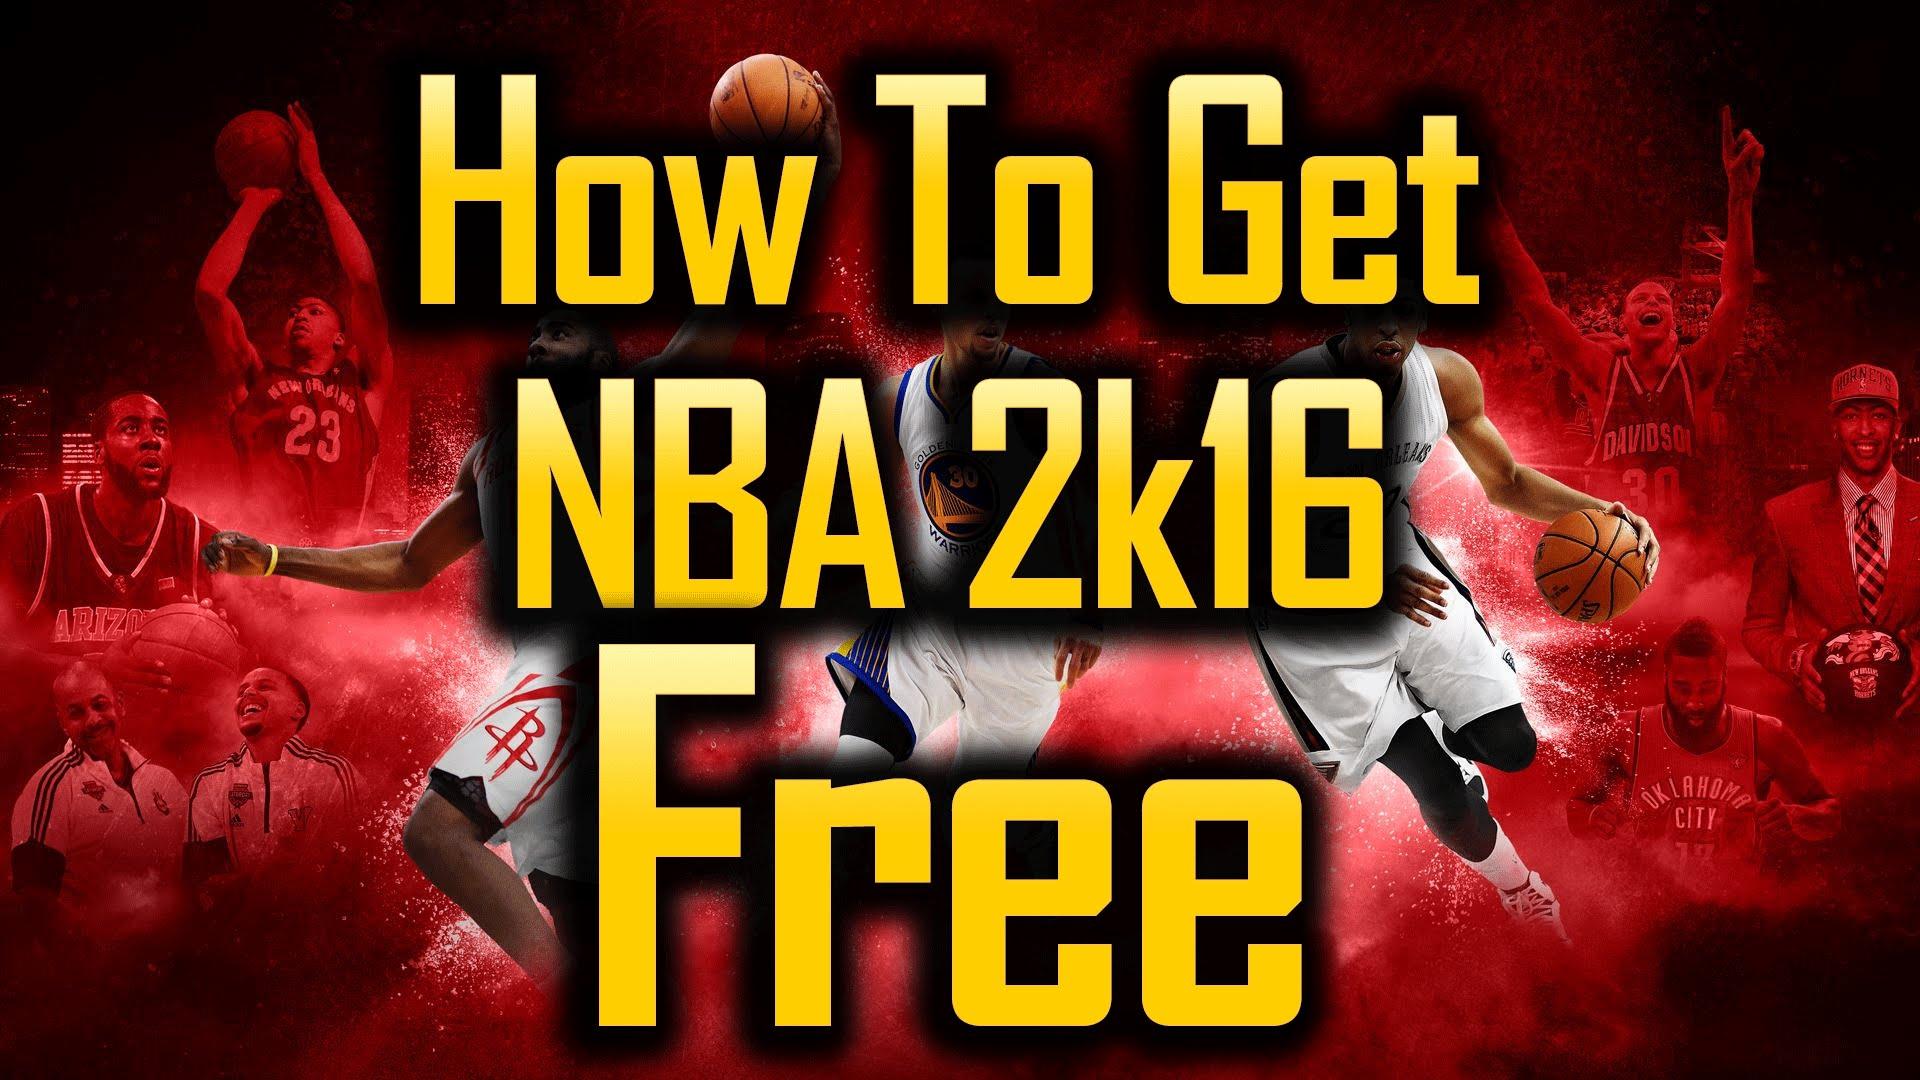 How To Get NBA 2k16 FREE for PS4 / XBOX ONE / PC ...  Nba 2k14 Graphics Comparison